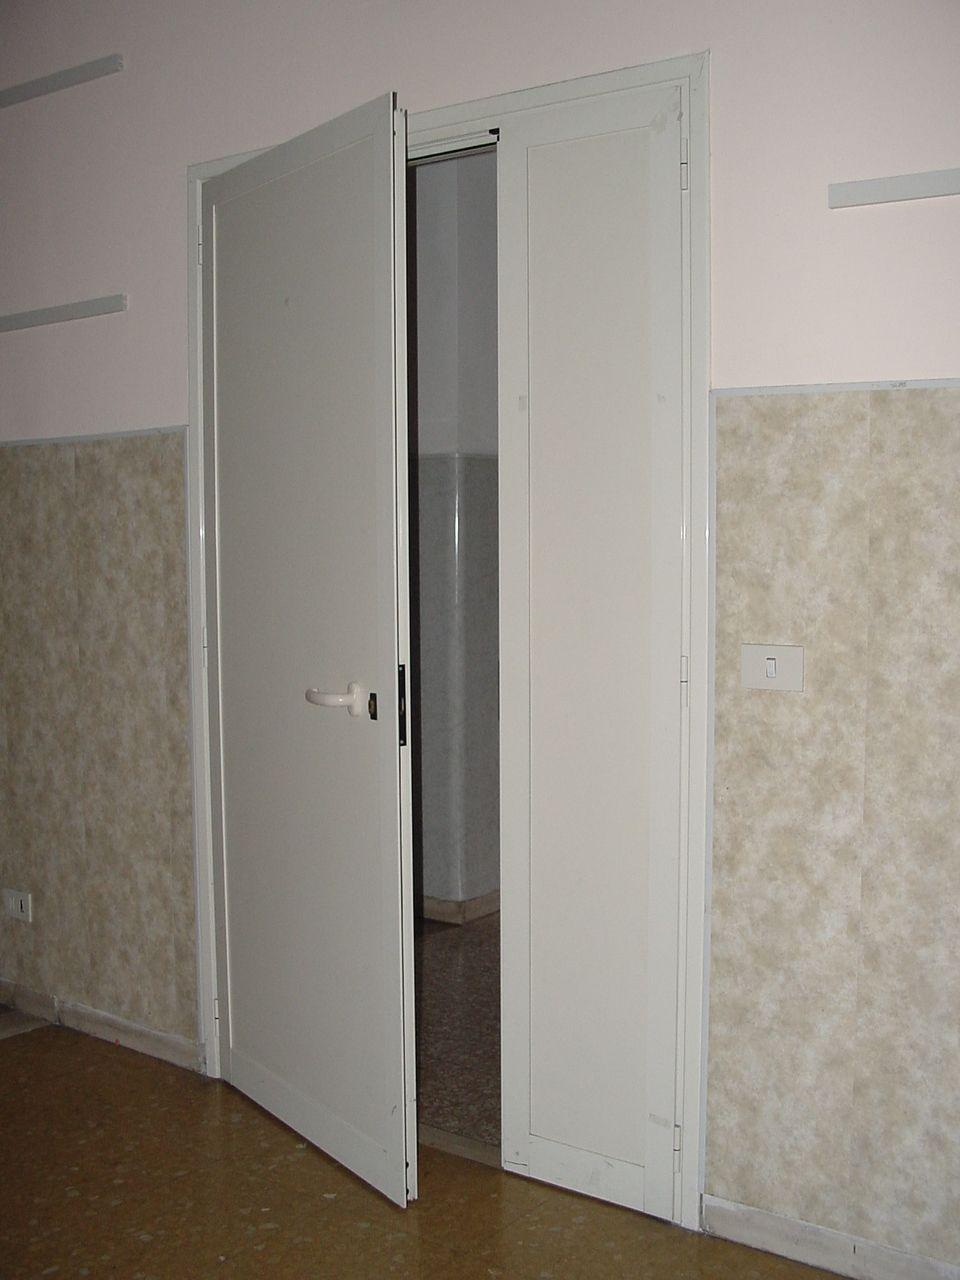 Porte interne in alluminio per scuole e ospedali porte - Archi per porte interne ...